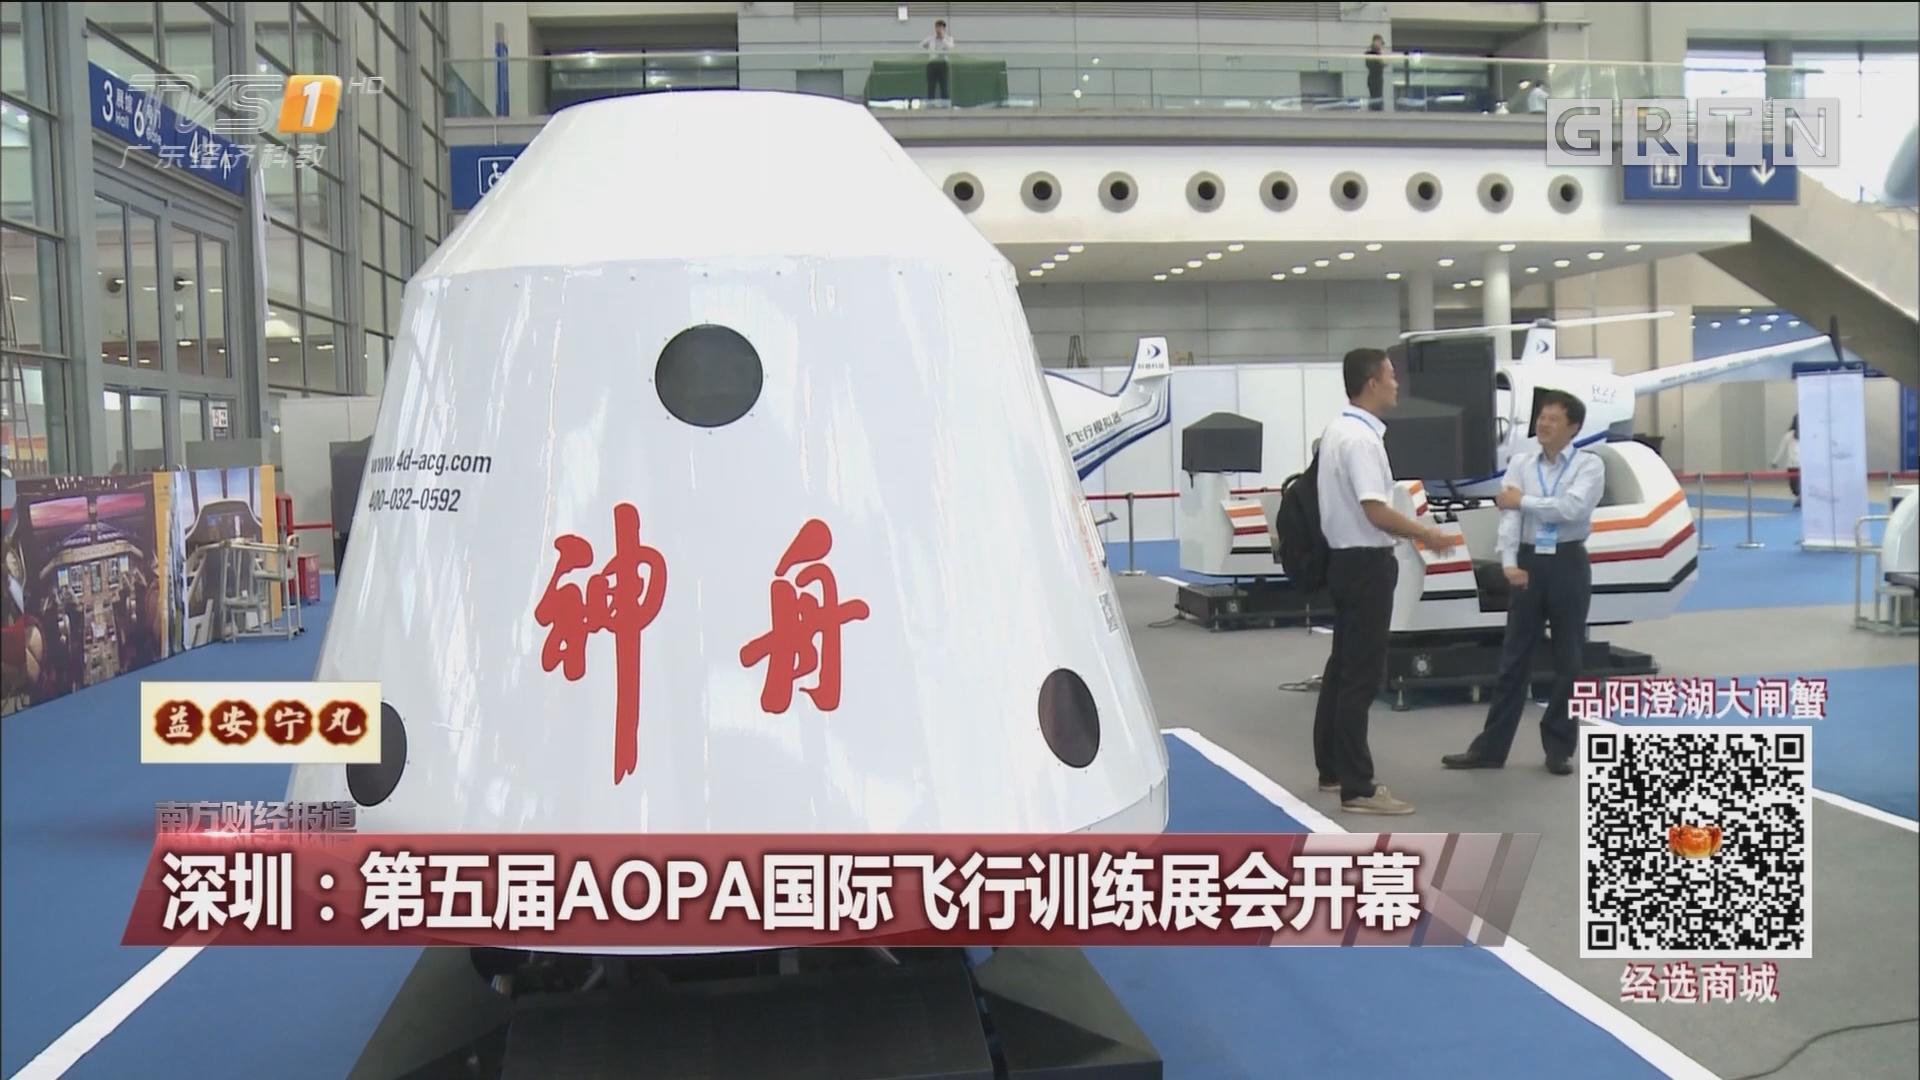 深圳:第五届AOPA国际飞行训练展会开幕